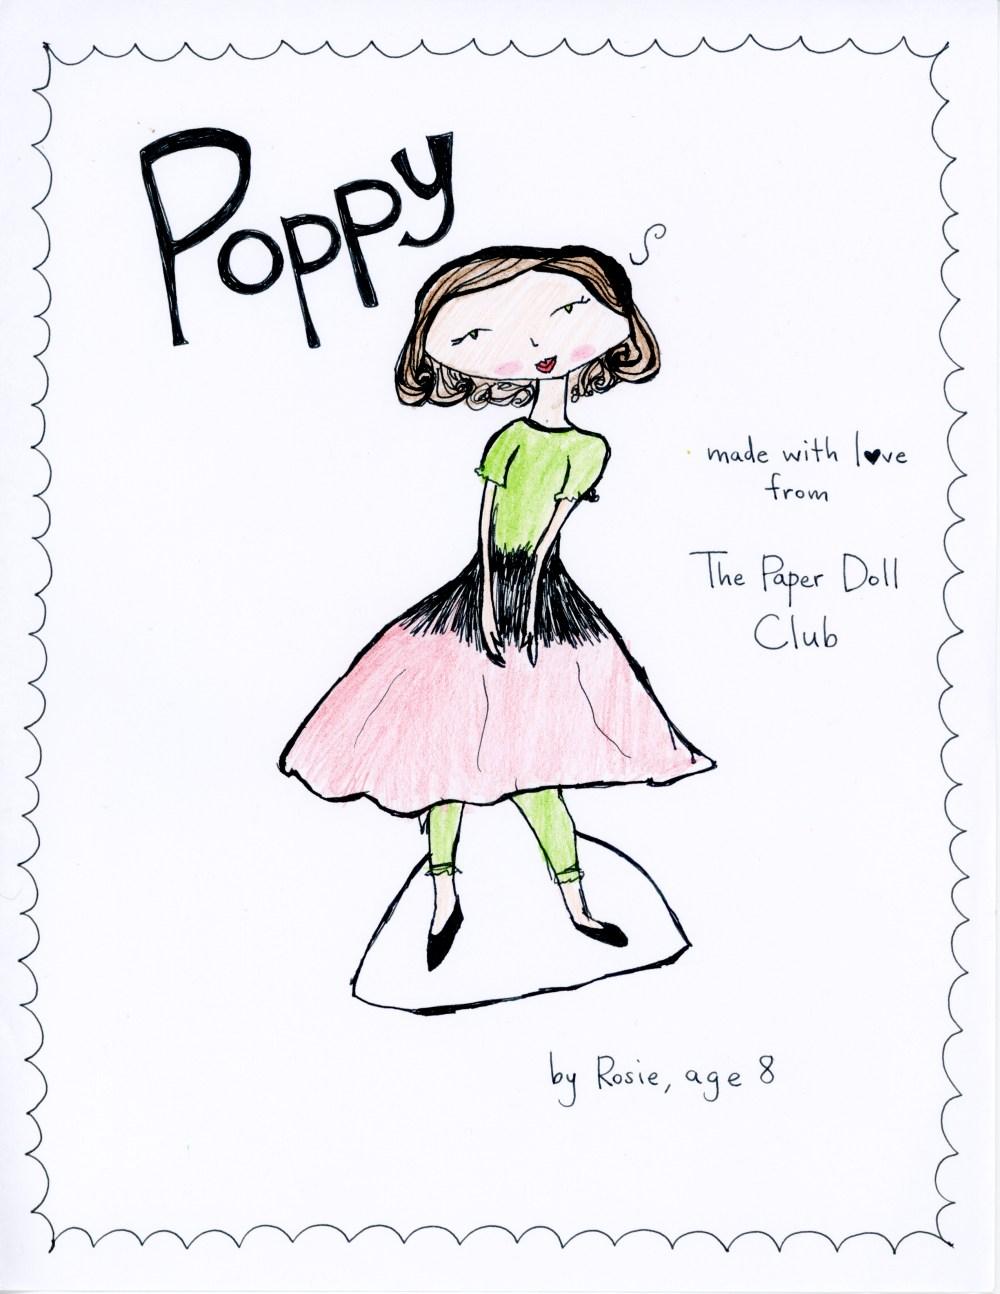 Poppy copy